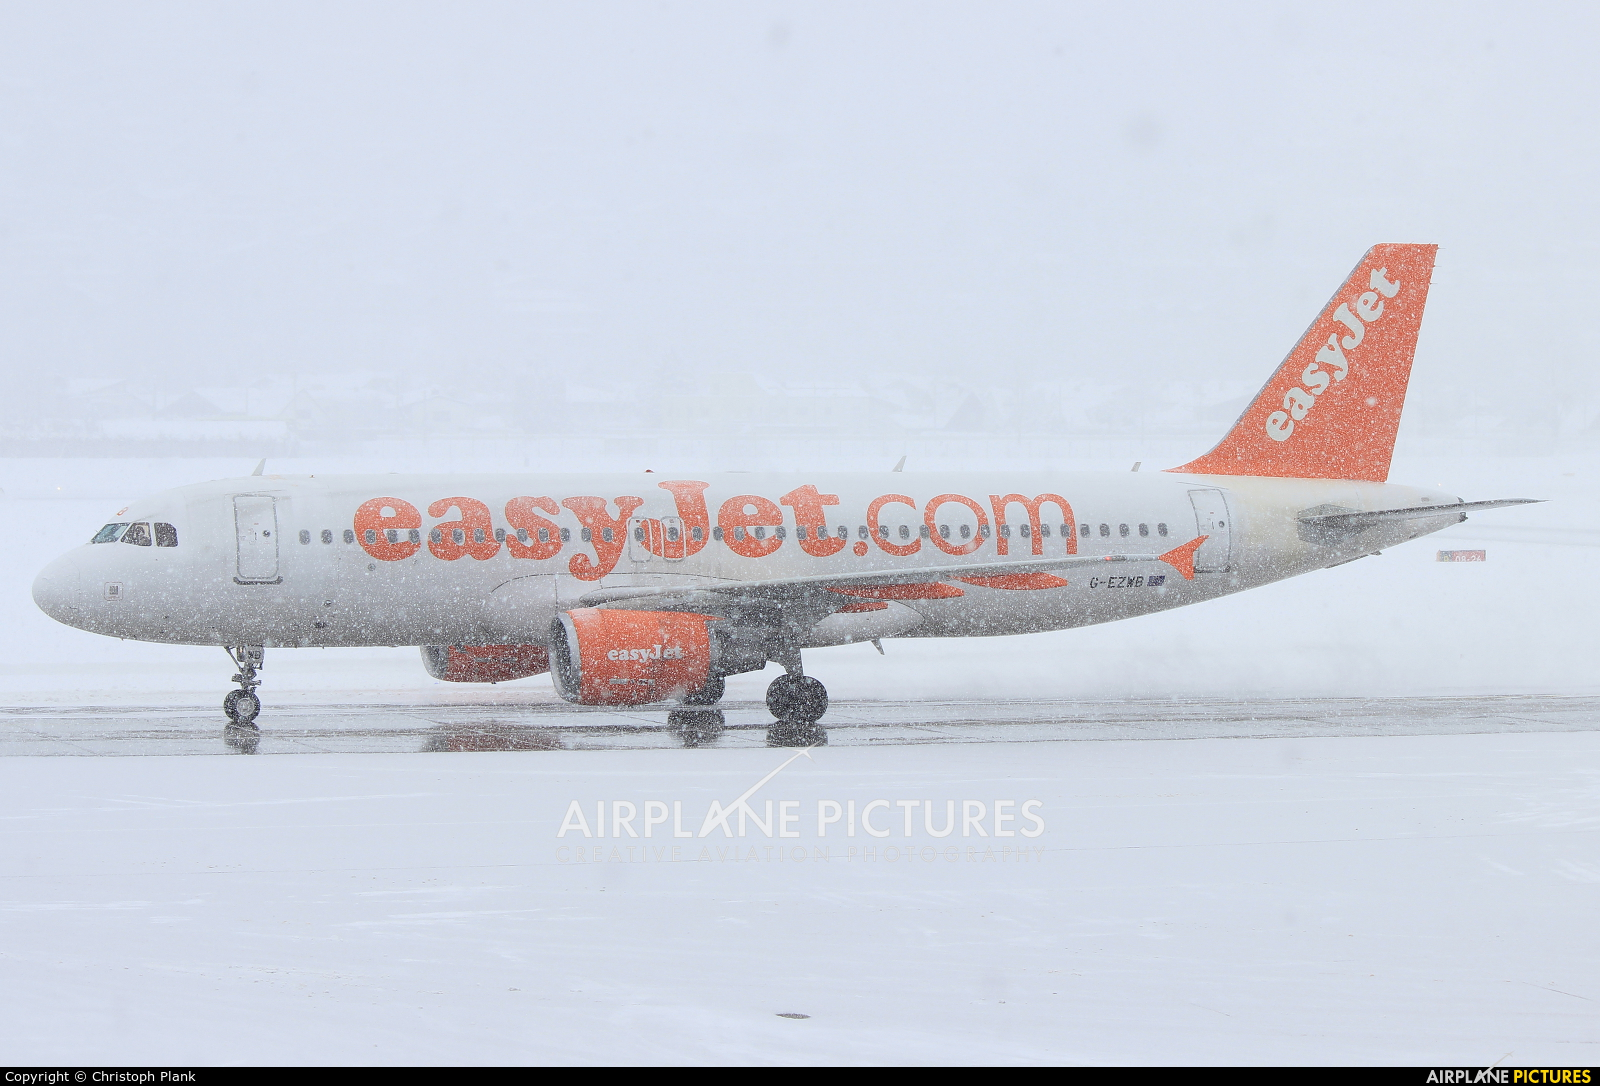 easyJet G-EZWB aircraft at Innsbruck